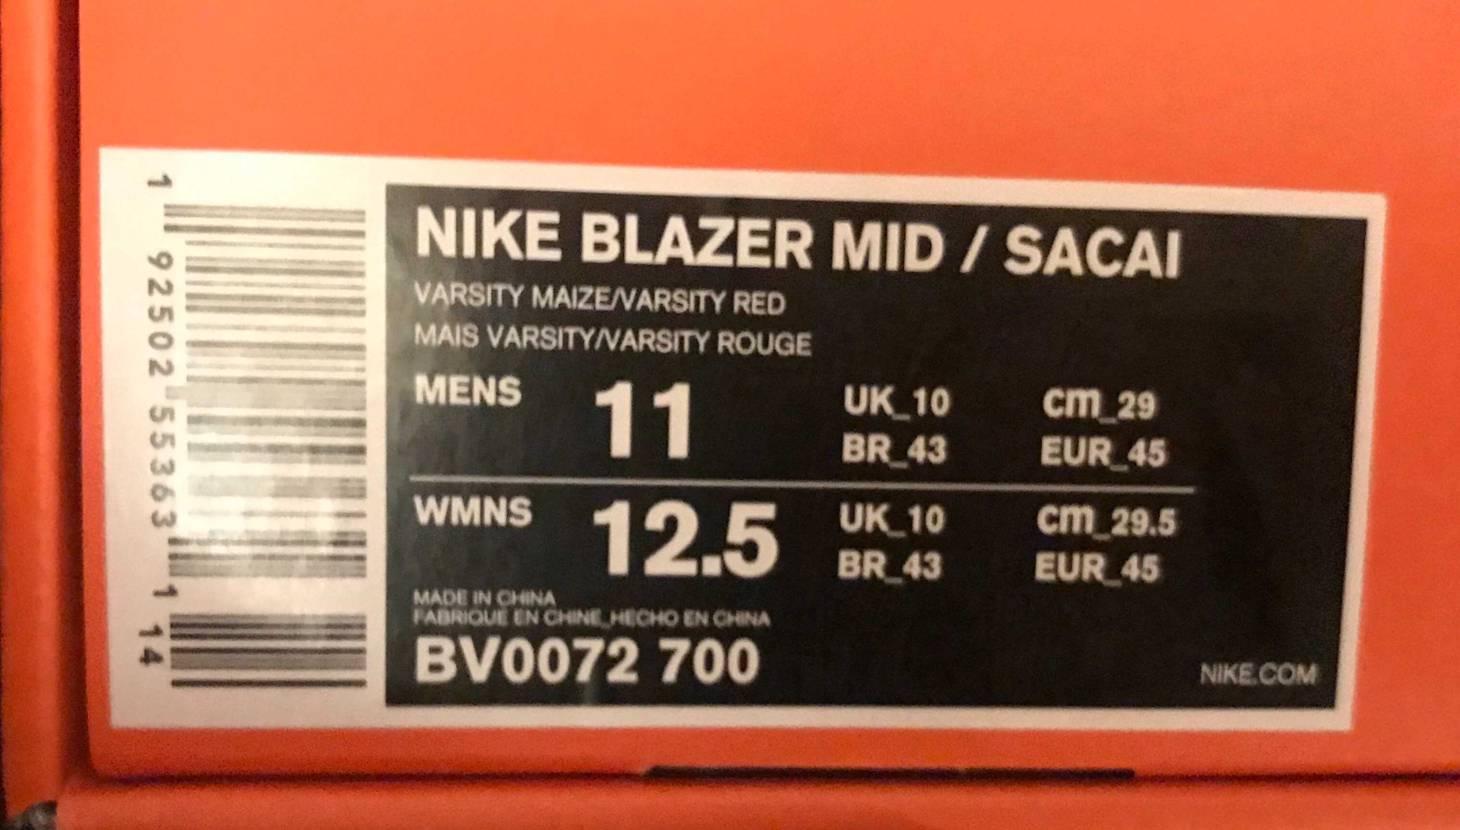 これ見ると、USサイズではメンズウィメンズでサイズ変わるけど、UKサイズだったら